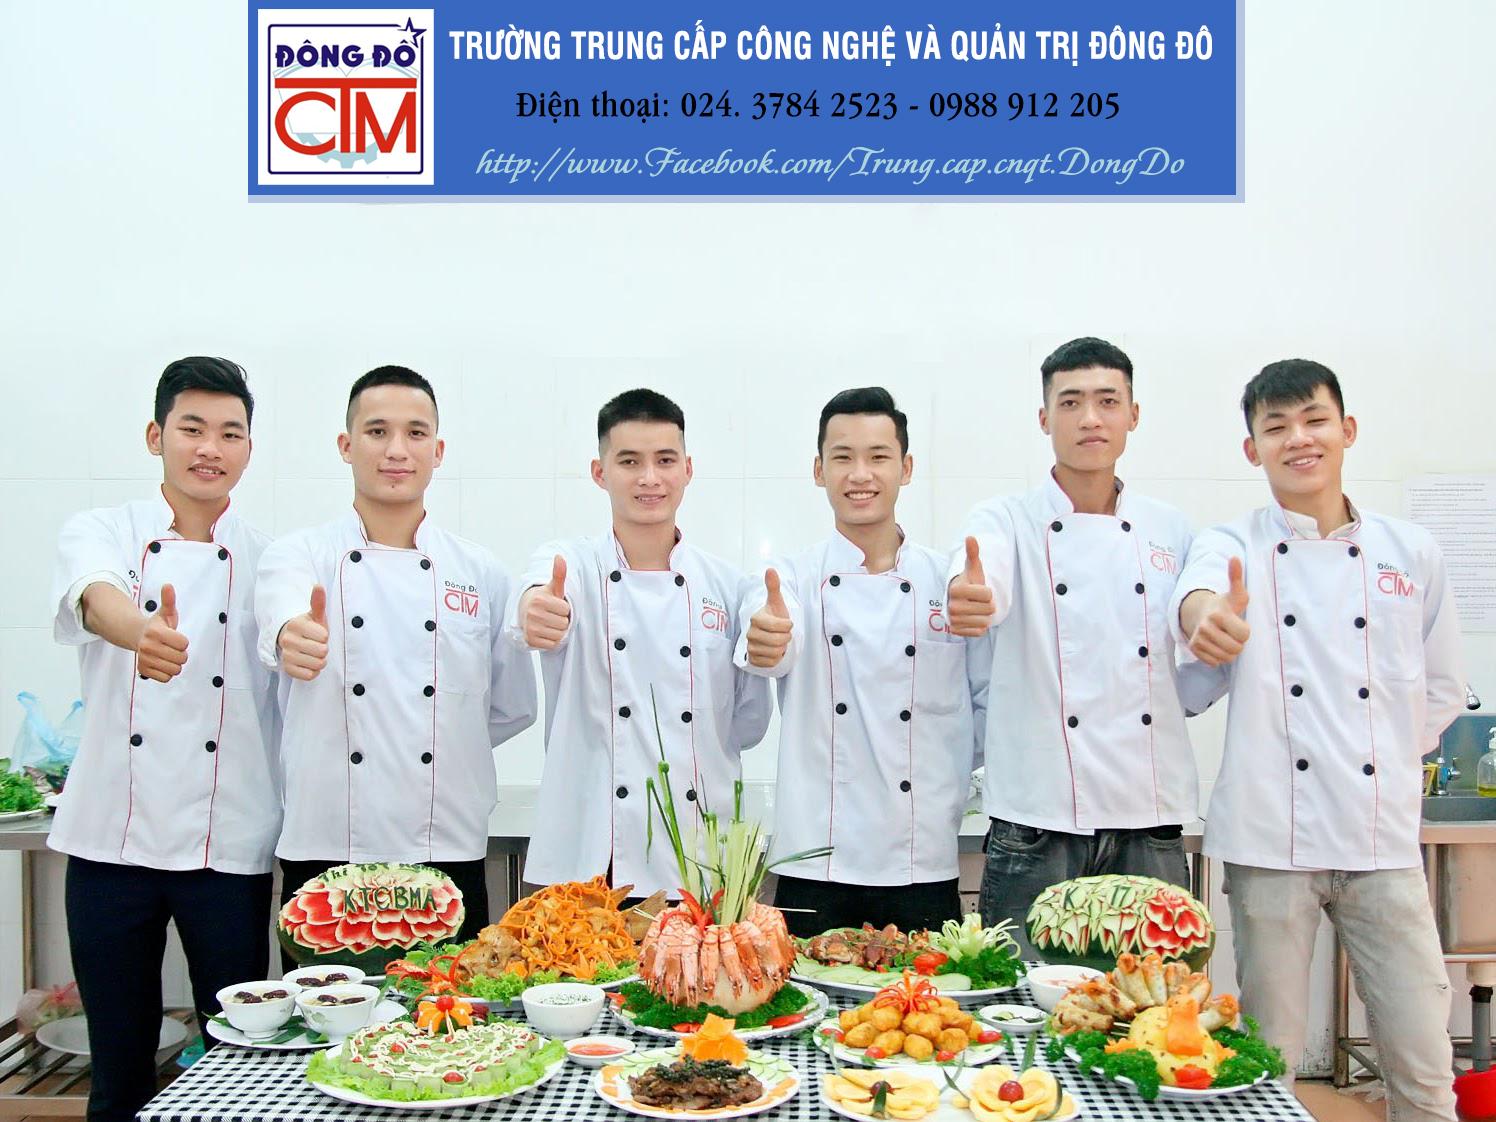 Trung cấp CN&QT Đông Đô là địa chỉ dạy nghề đầu bếp uy tín tại Hà Nội!